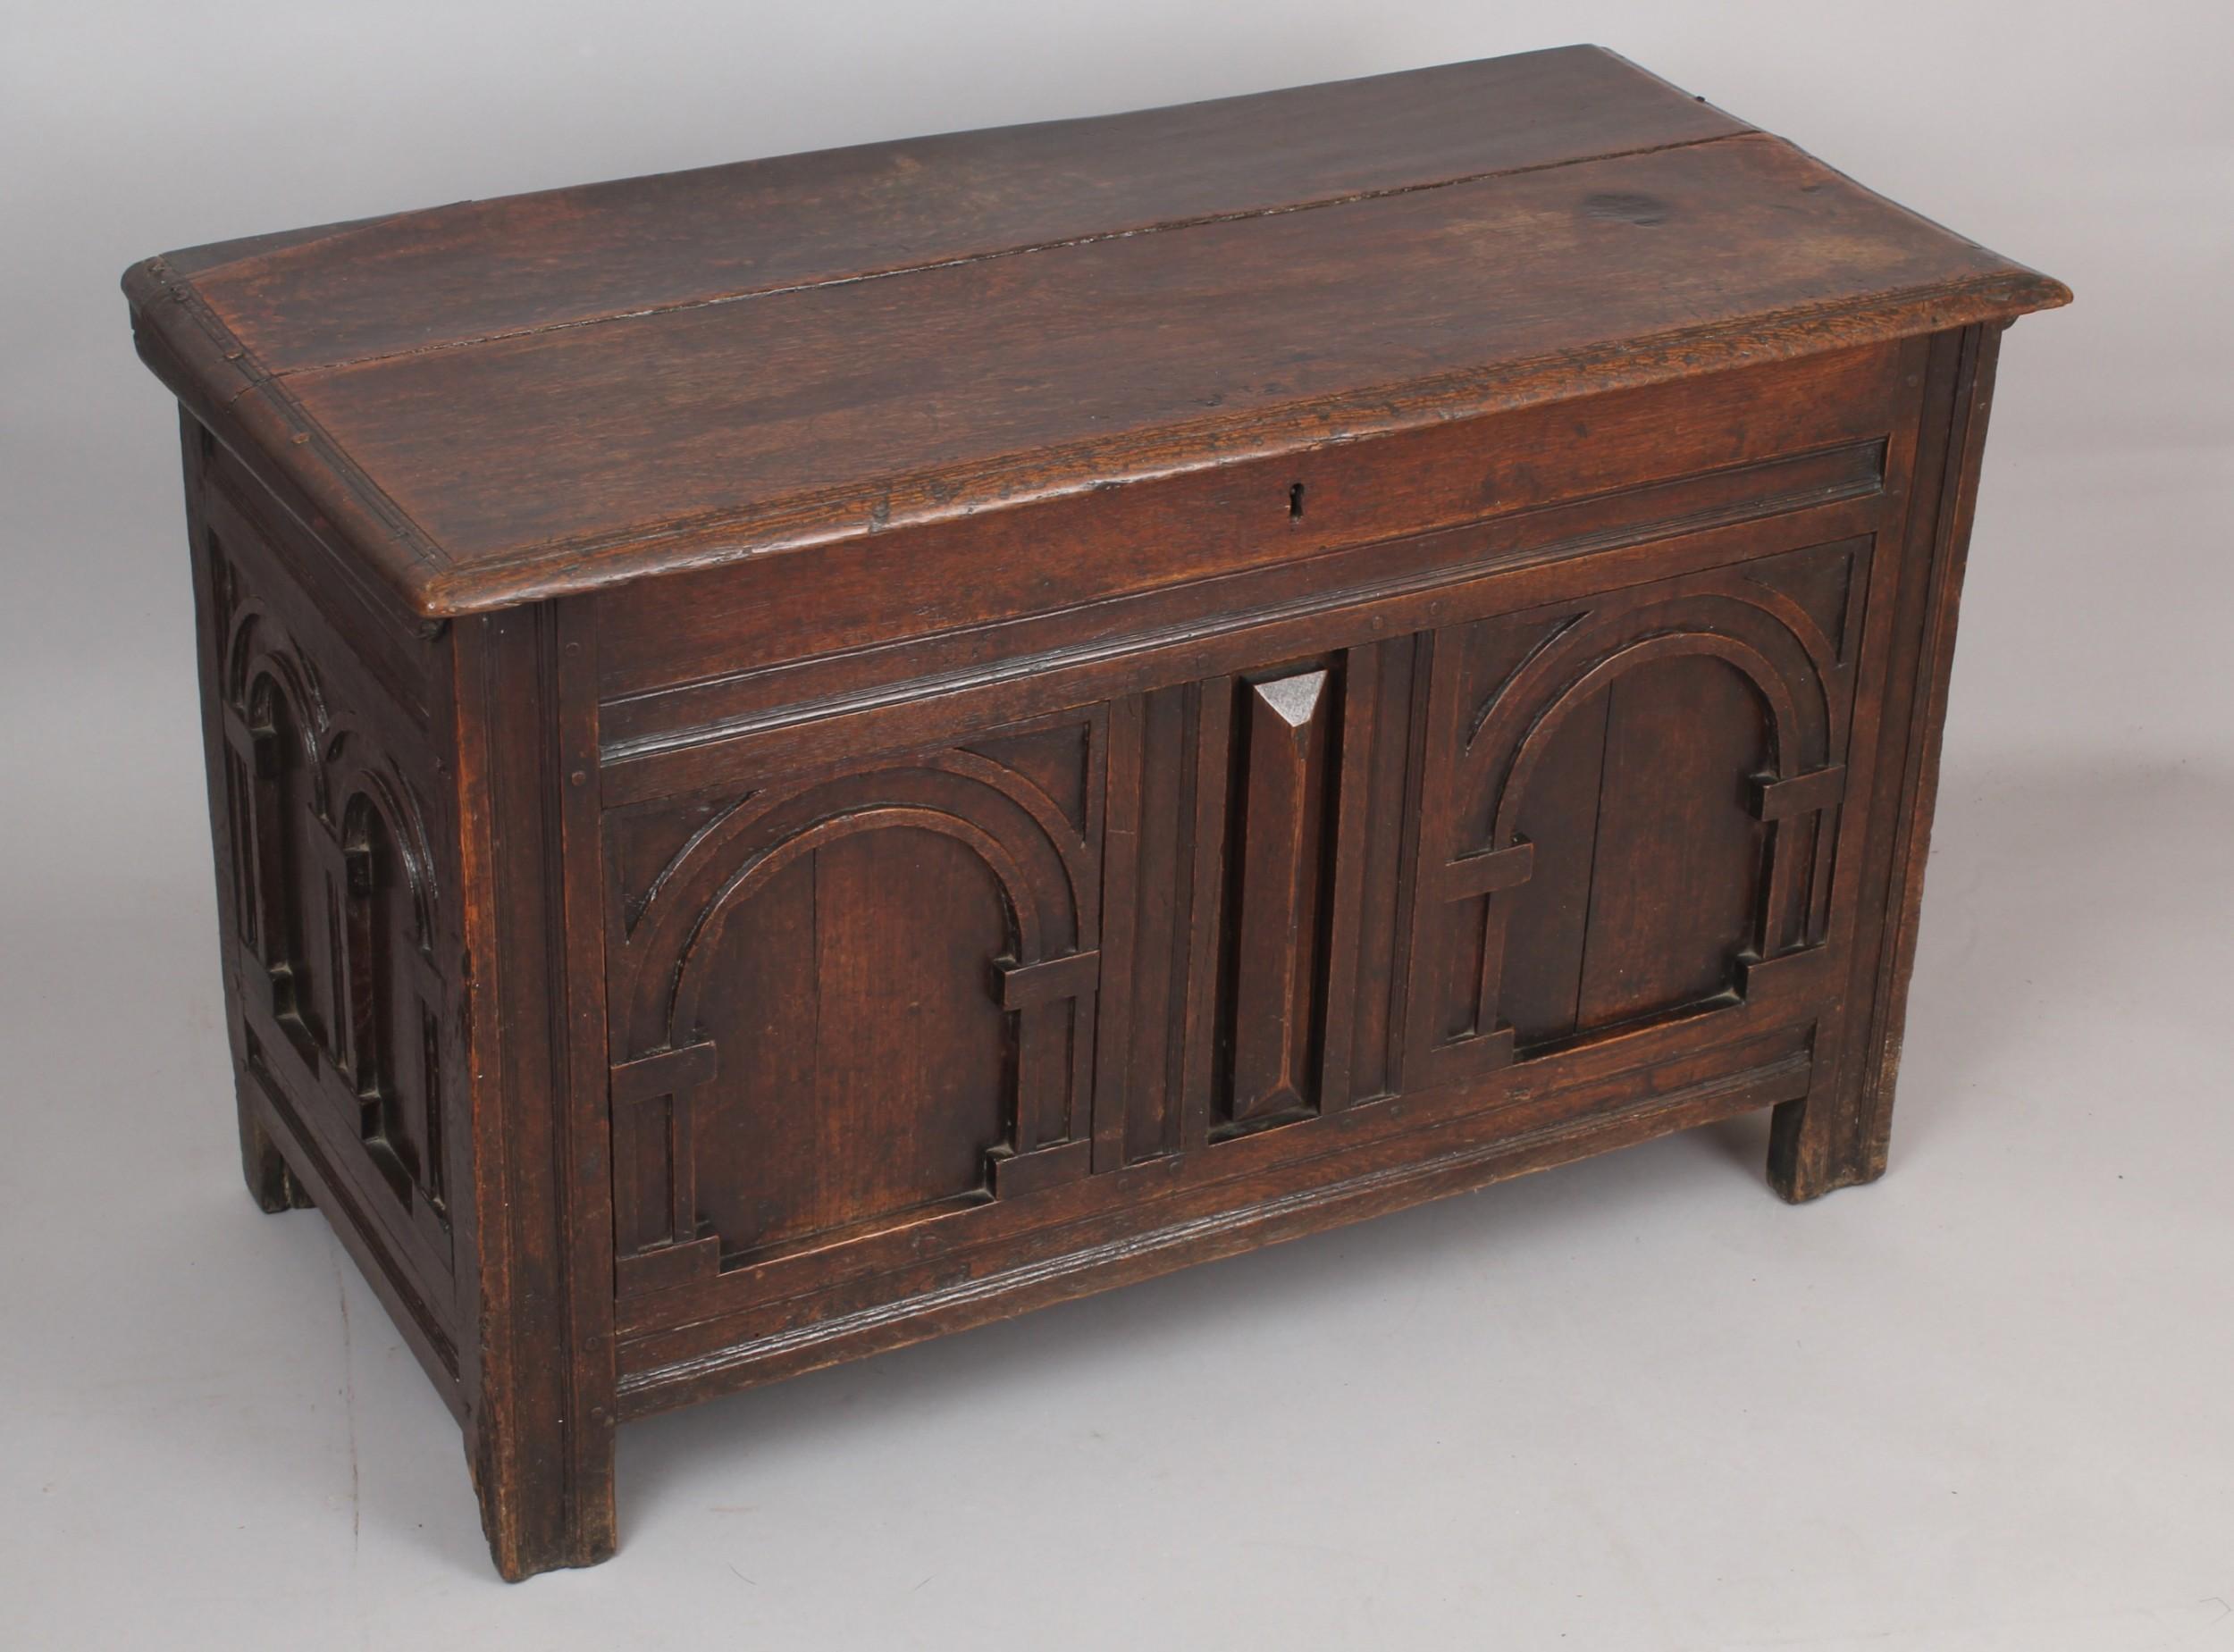 late 17th century small oak coffer